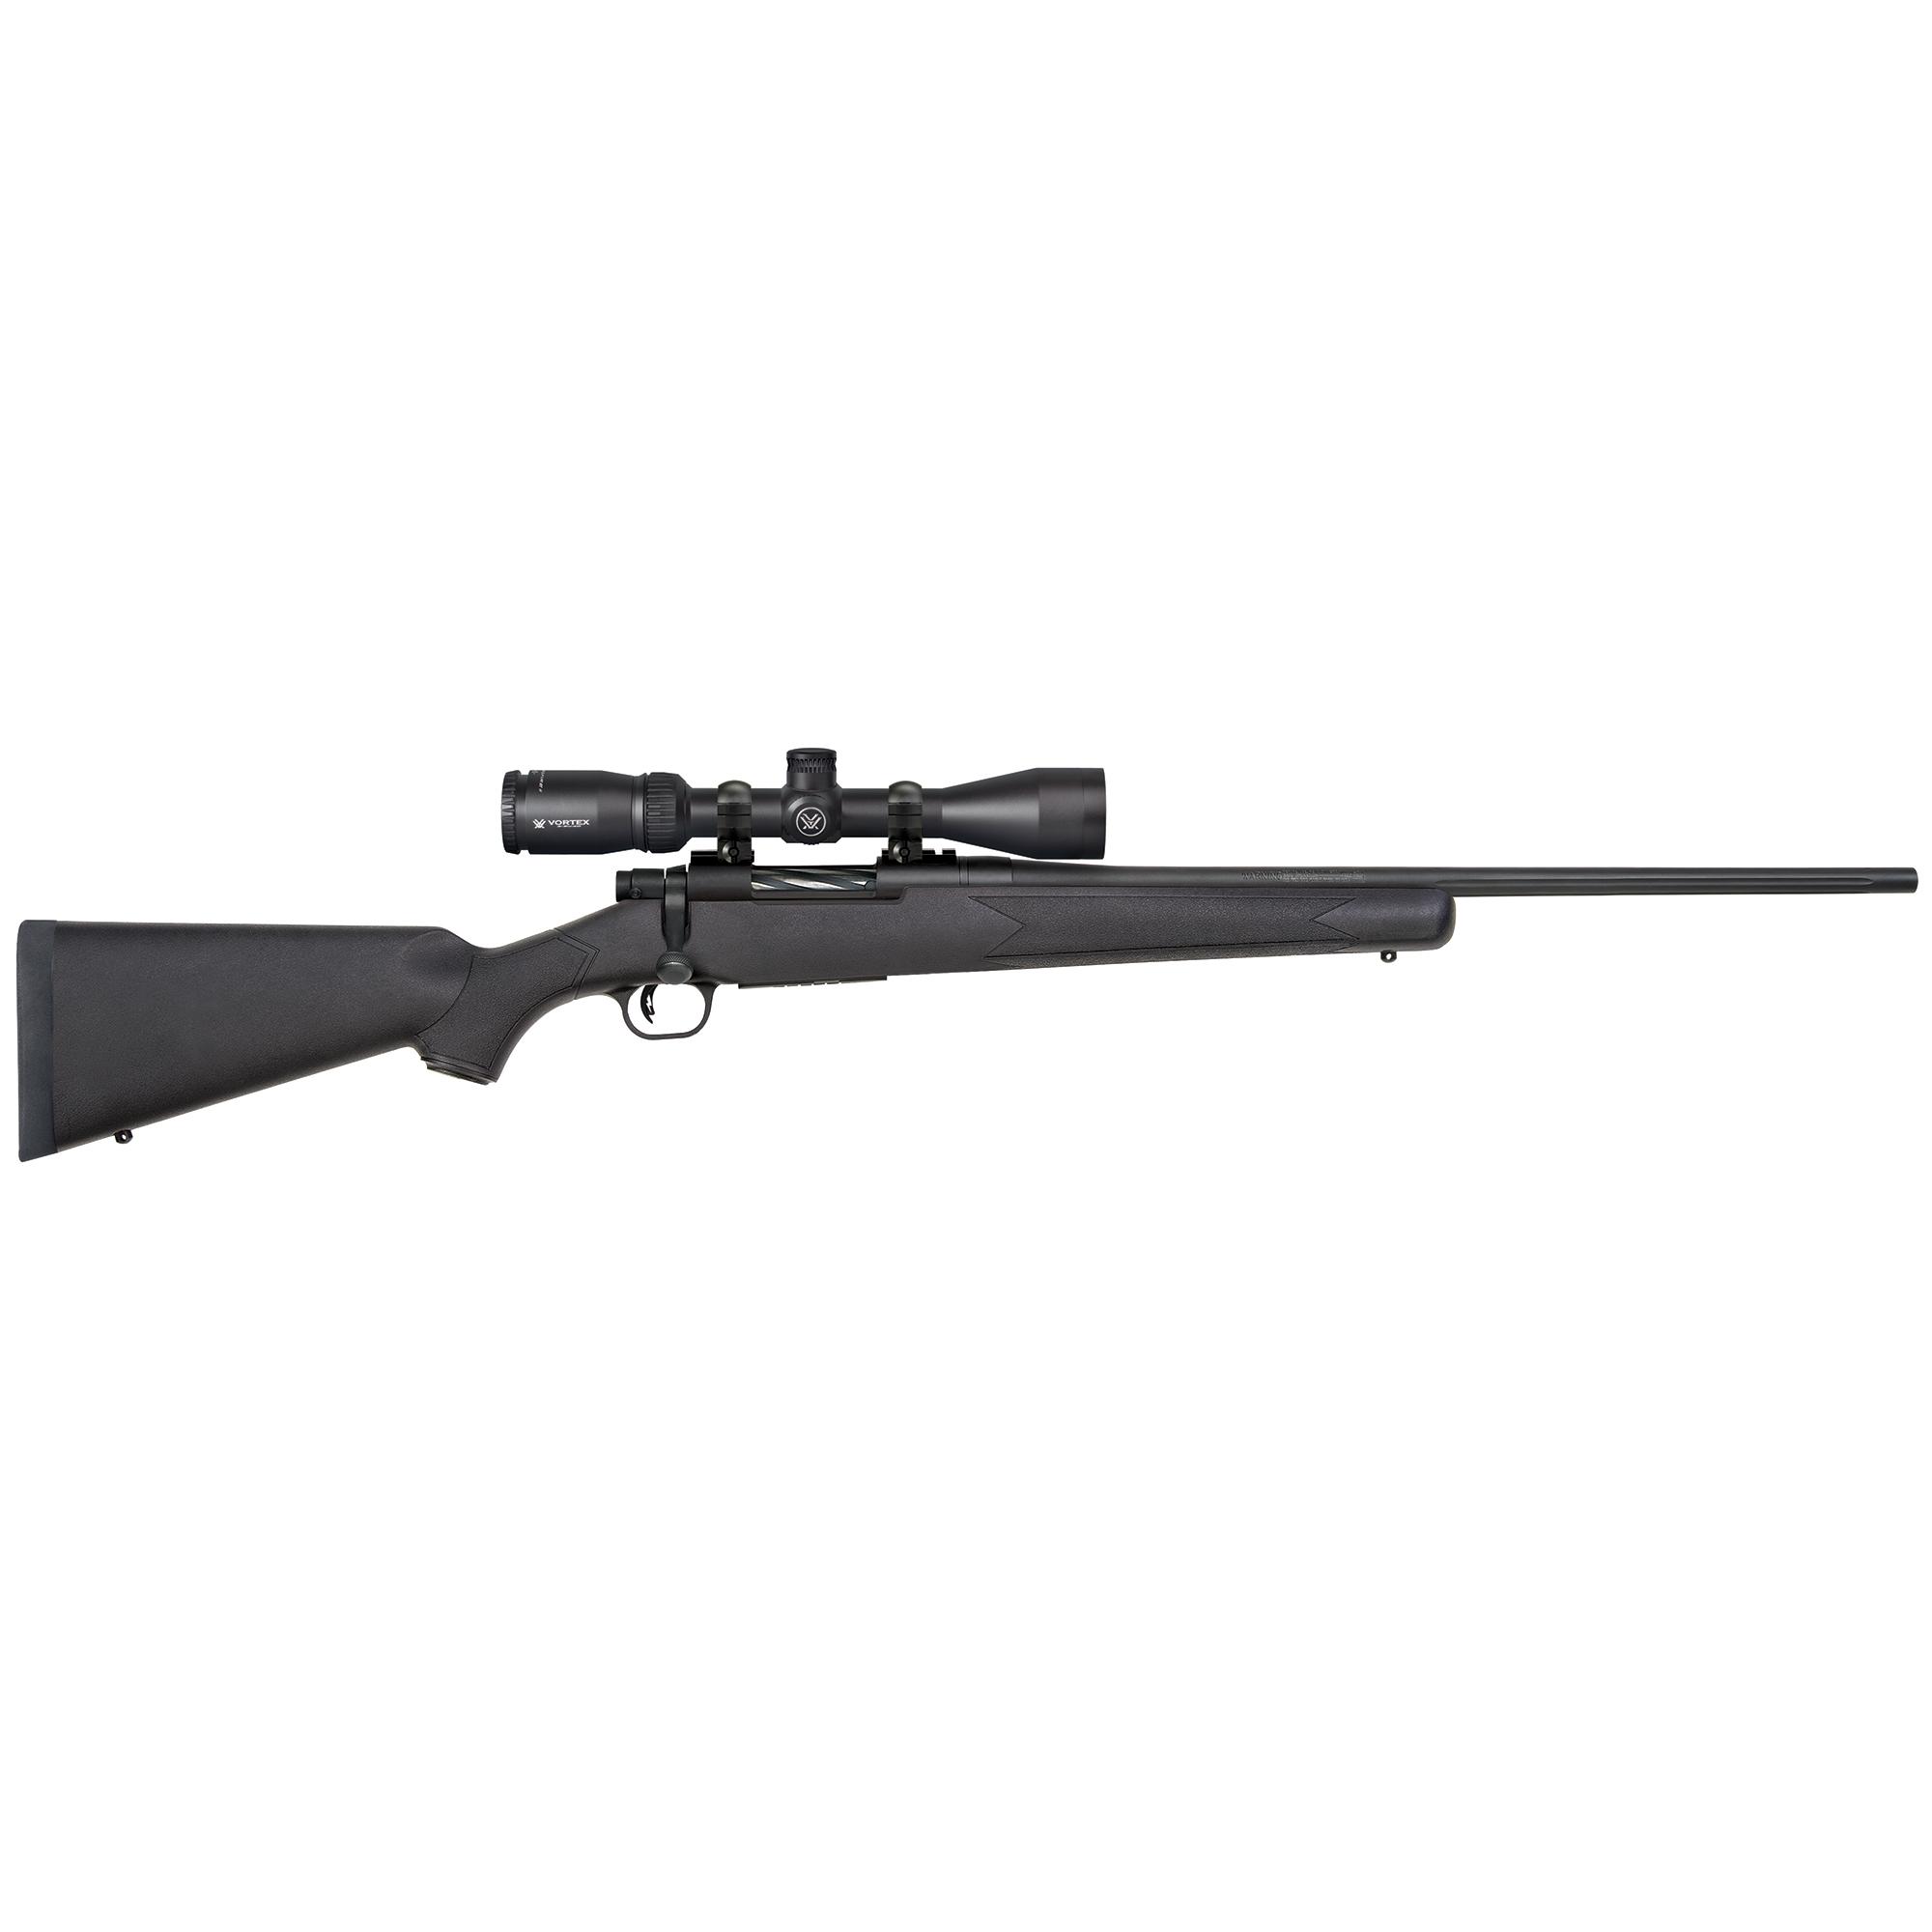 Mossberg Patriot Vortex Centerfire Rifle Package, .243 Win, Black